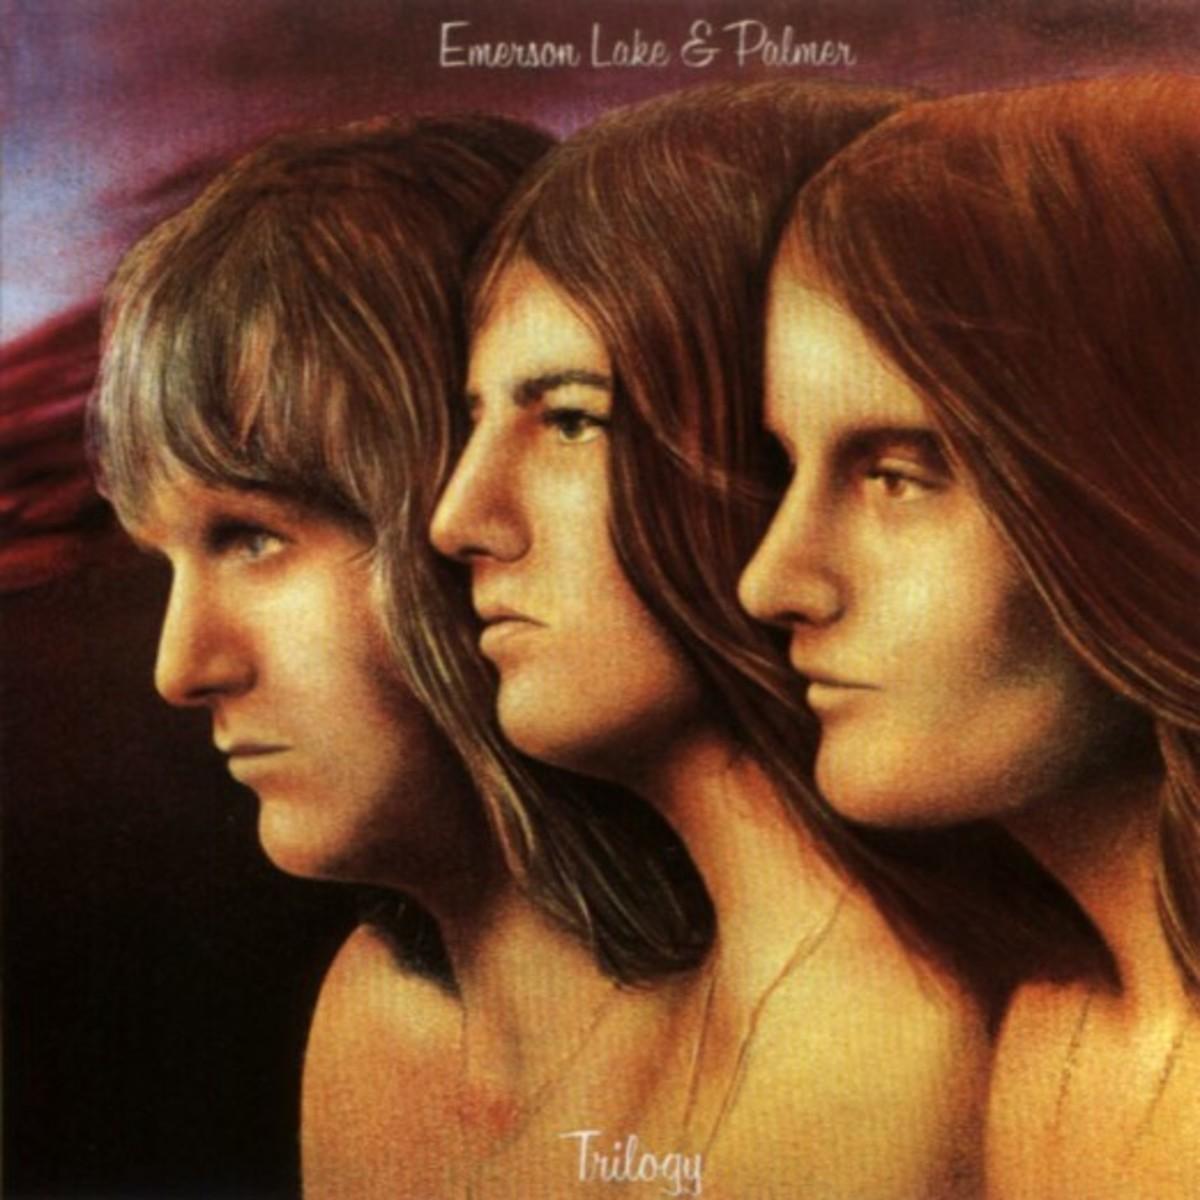 Emerson, Lake & Palmer - Trilogy - Front